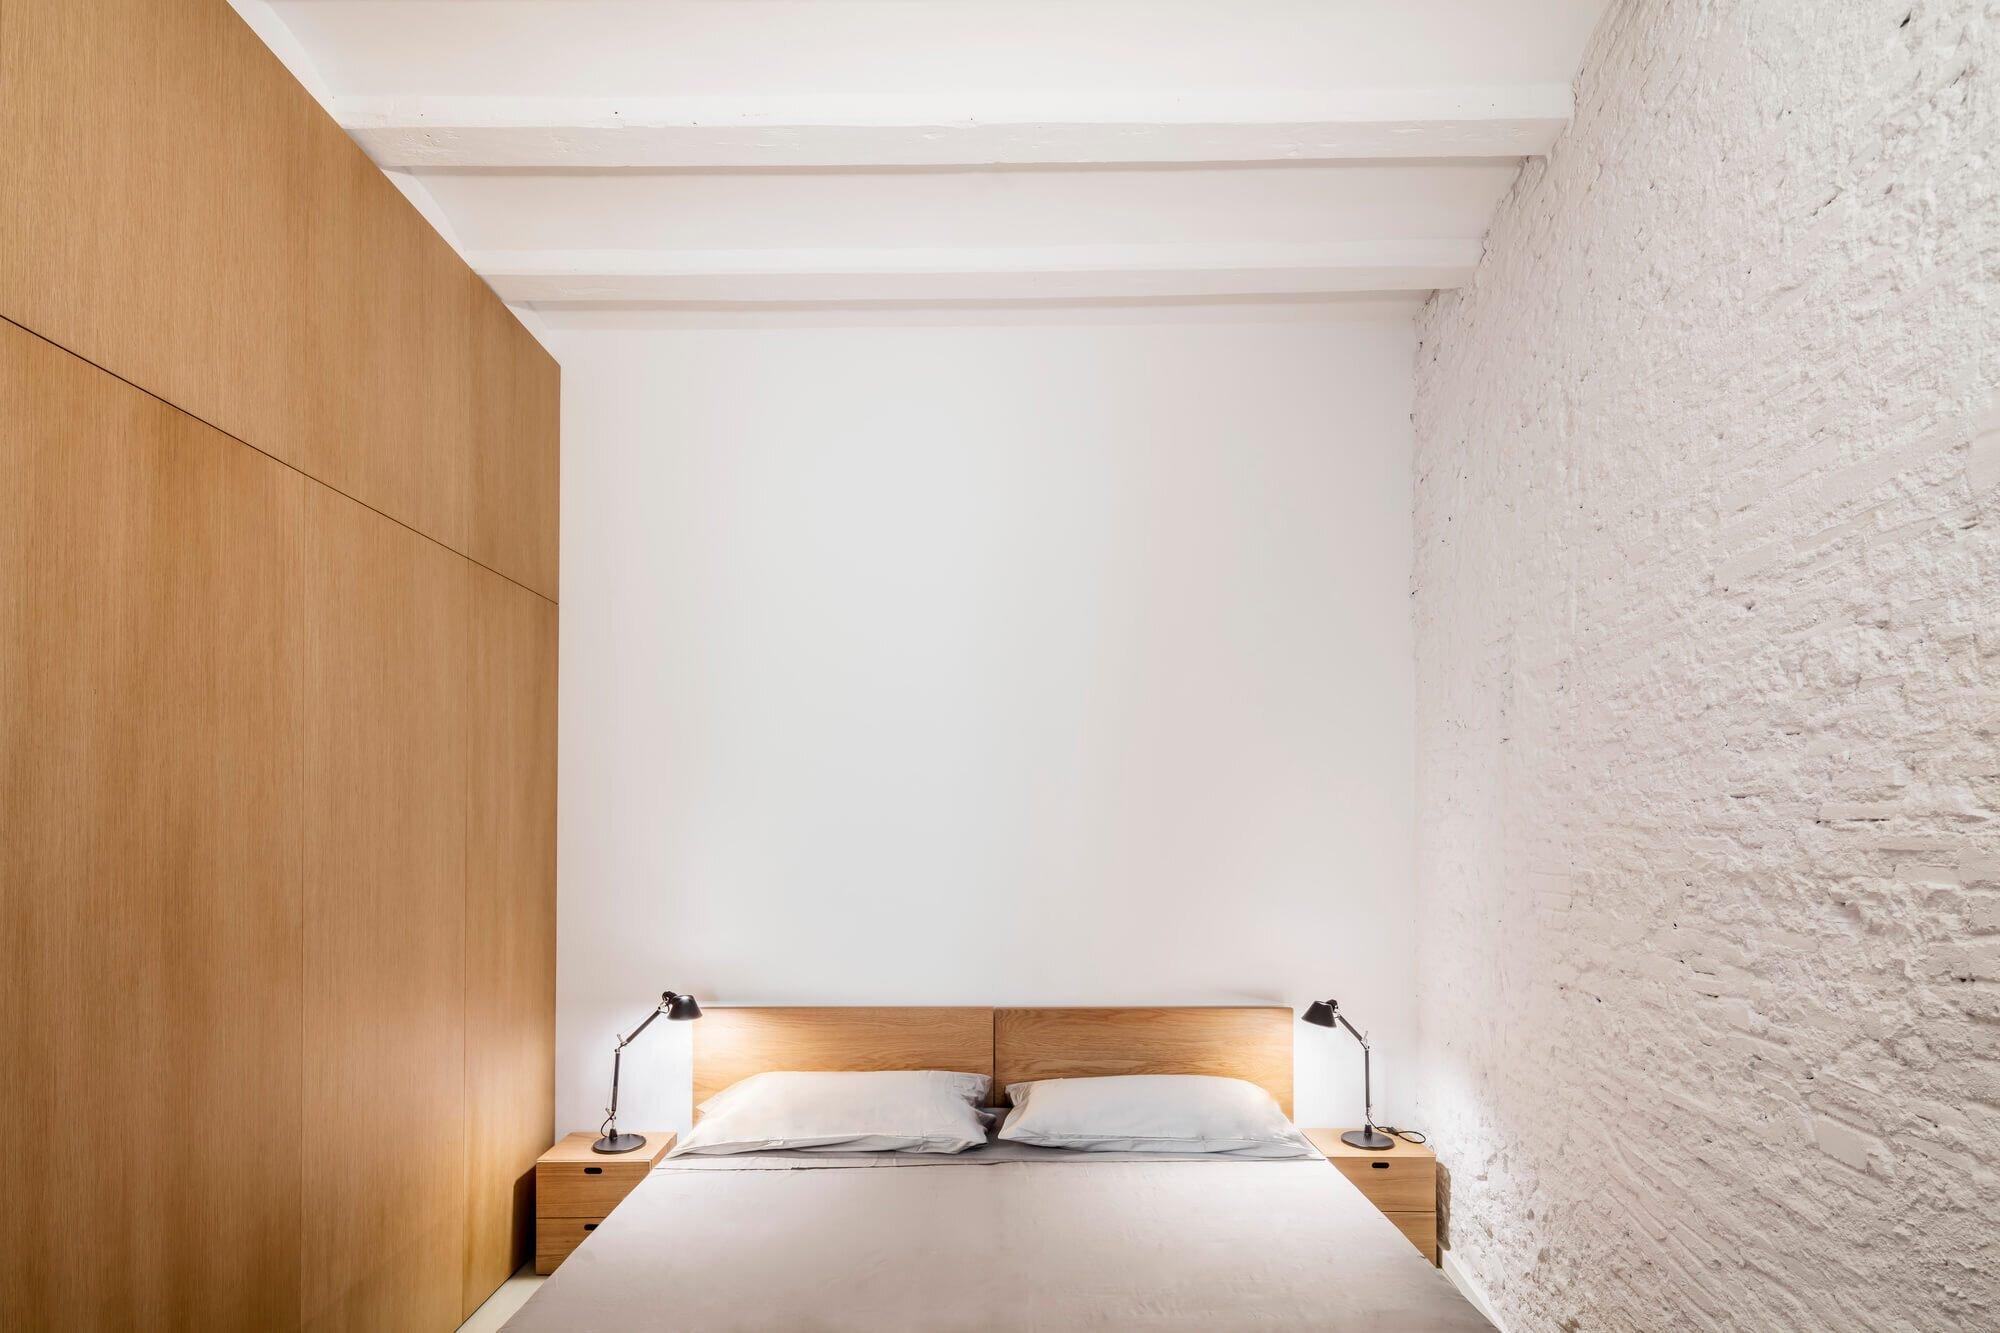 TS01-Interior-Refurbishment-Alventosa-Morell-Arquitectes-Spain-1